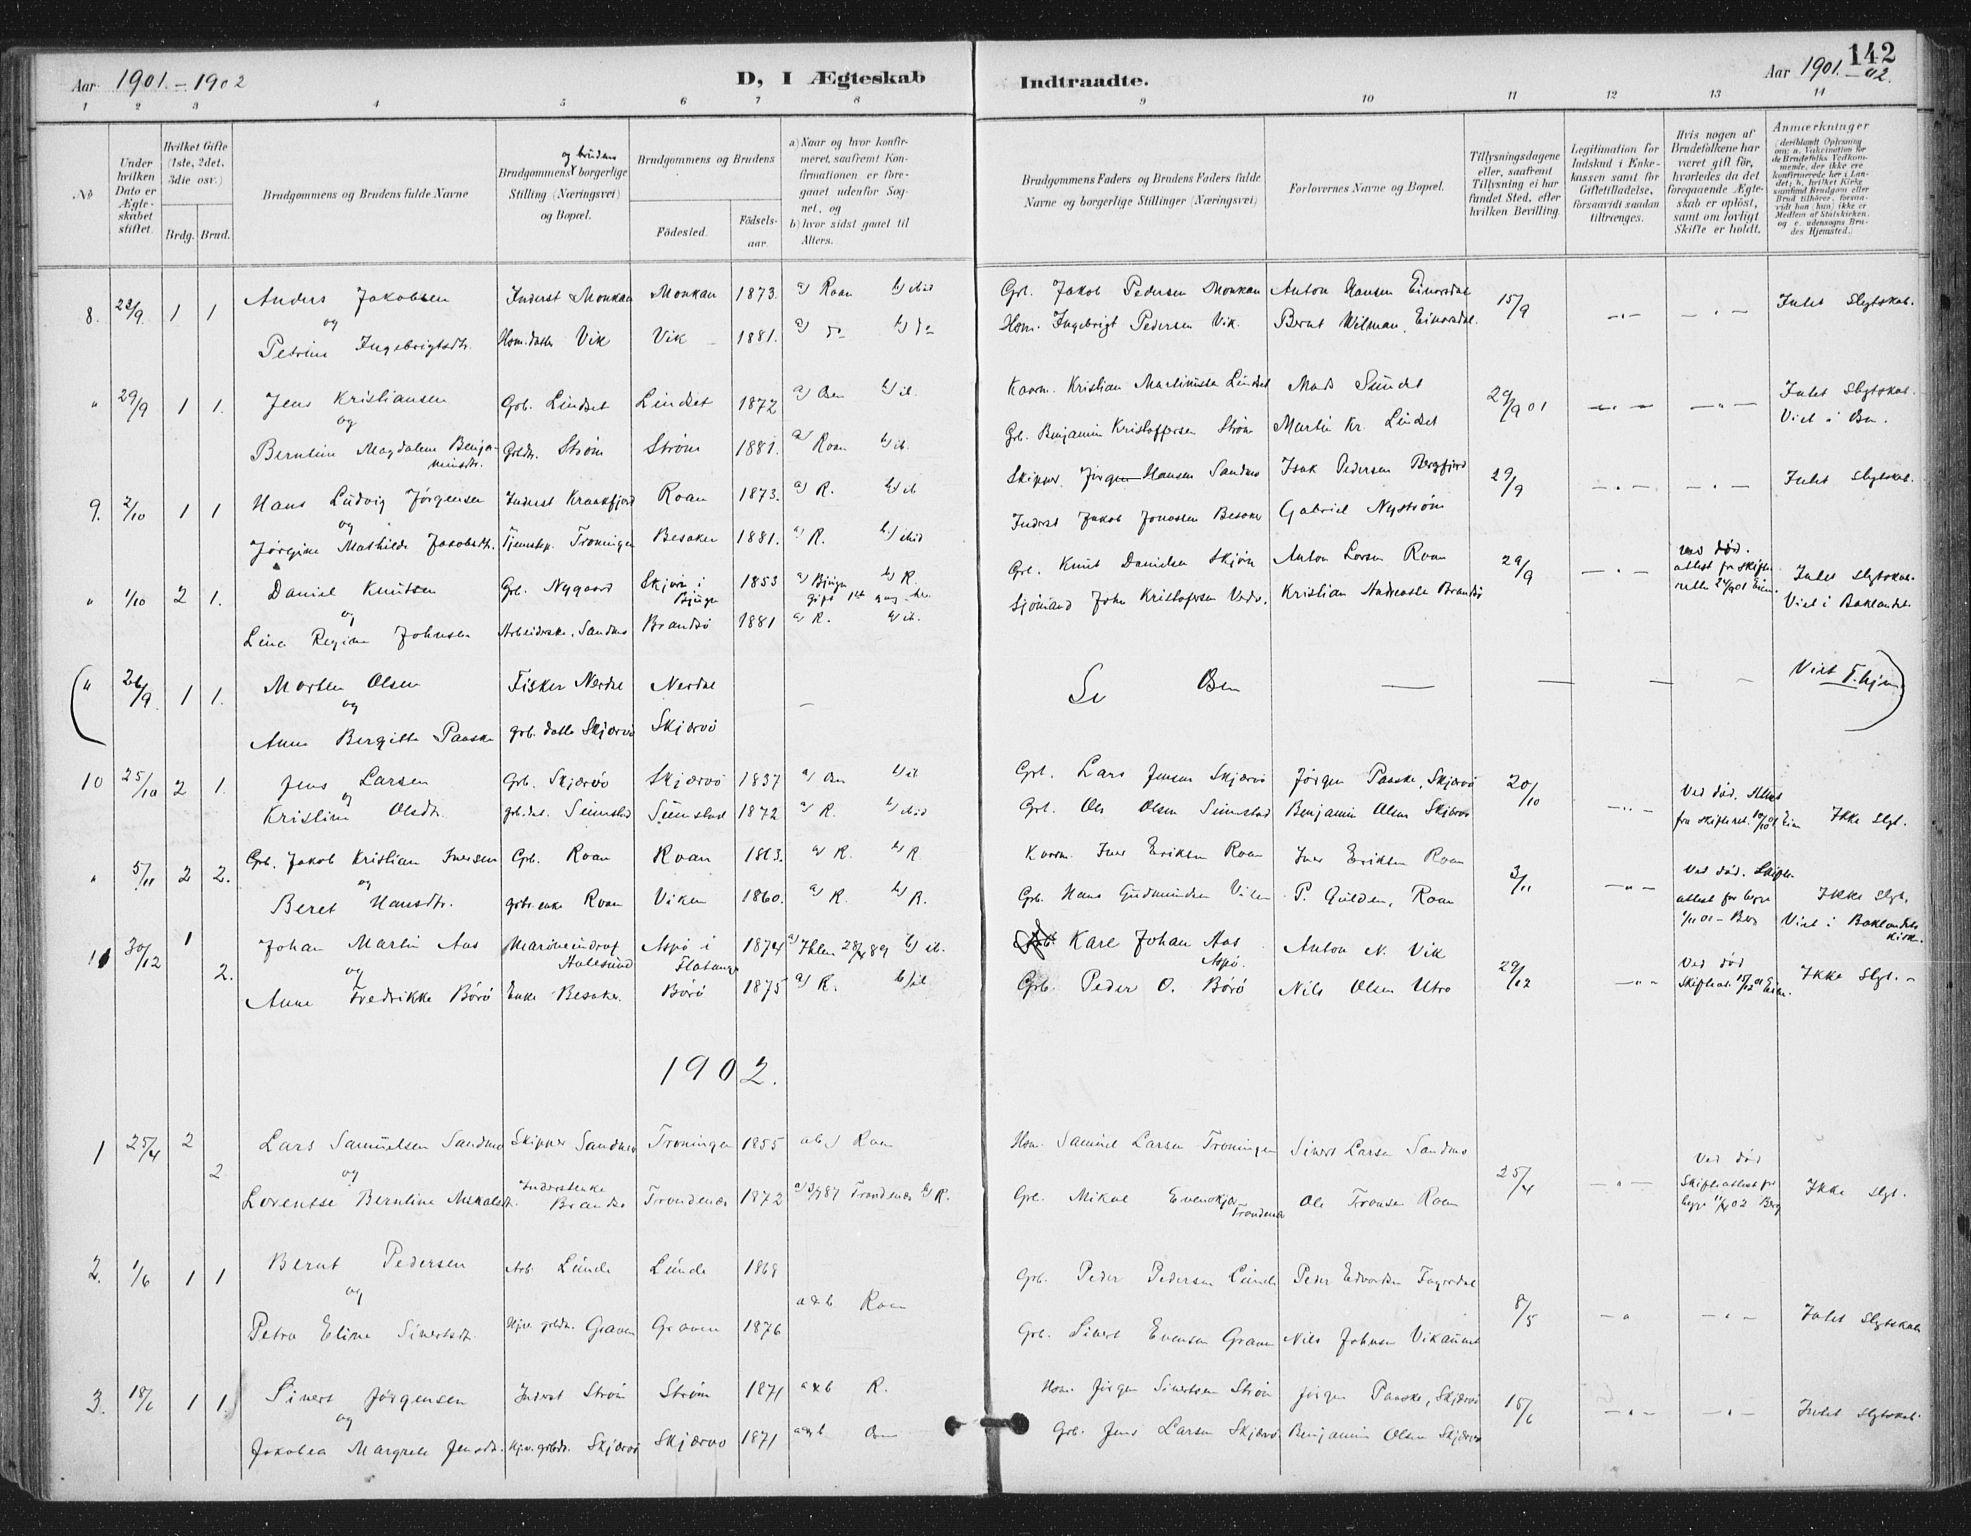 SAT, Ministerialprotokoller, klokkerbøker og fødselsregistre - Sør-Trøndelag, 657/L0708: Ministerialbok nr. 657A09, 1894-1904, s. 142